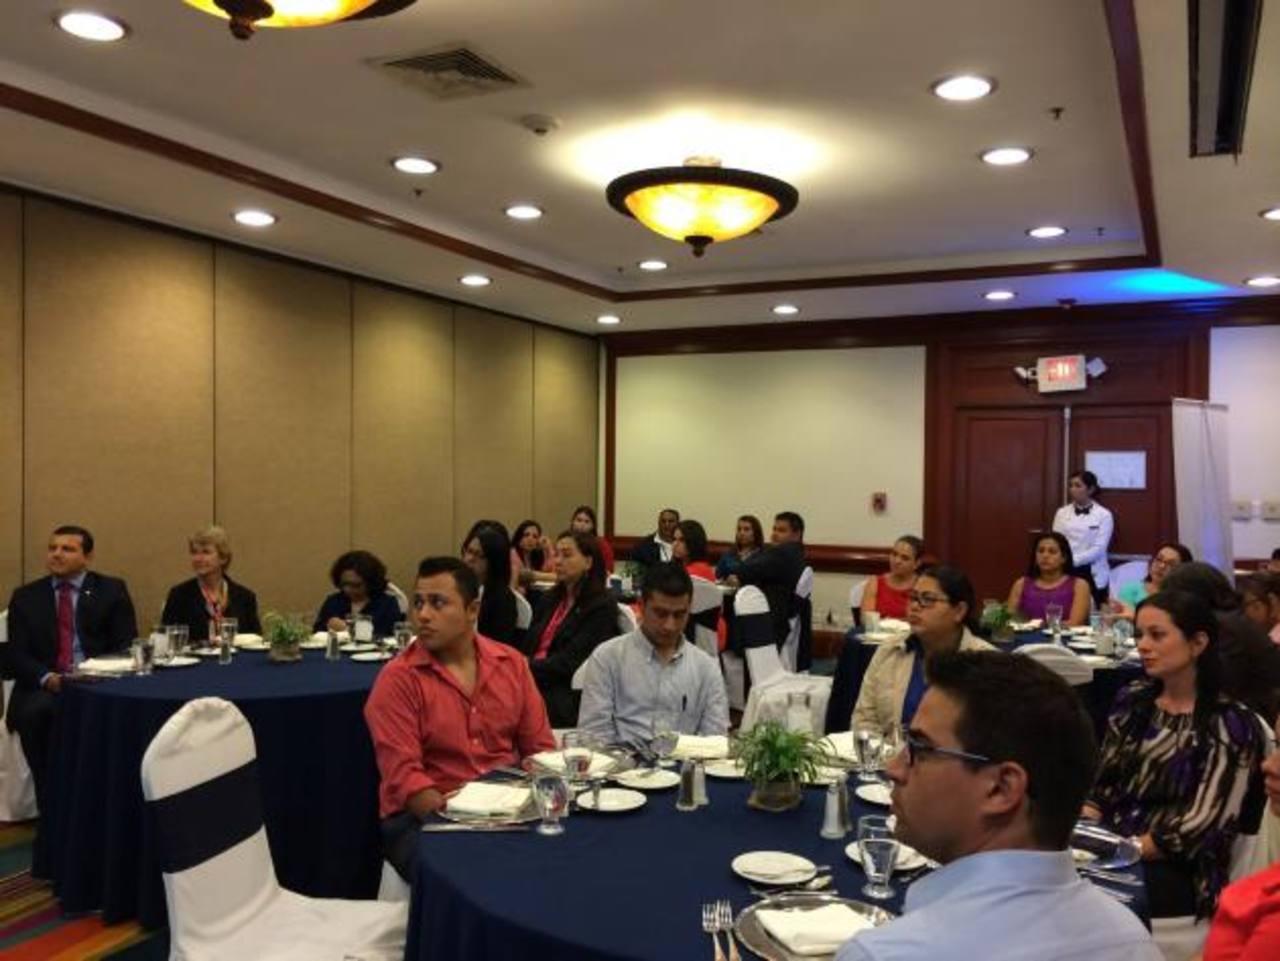 La premiación se llevó a cabo el lunes, durante una cena realizada en un hotel capitalino. Fotos EDH / cortesía